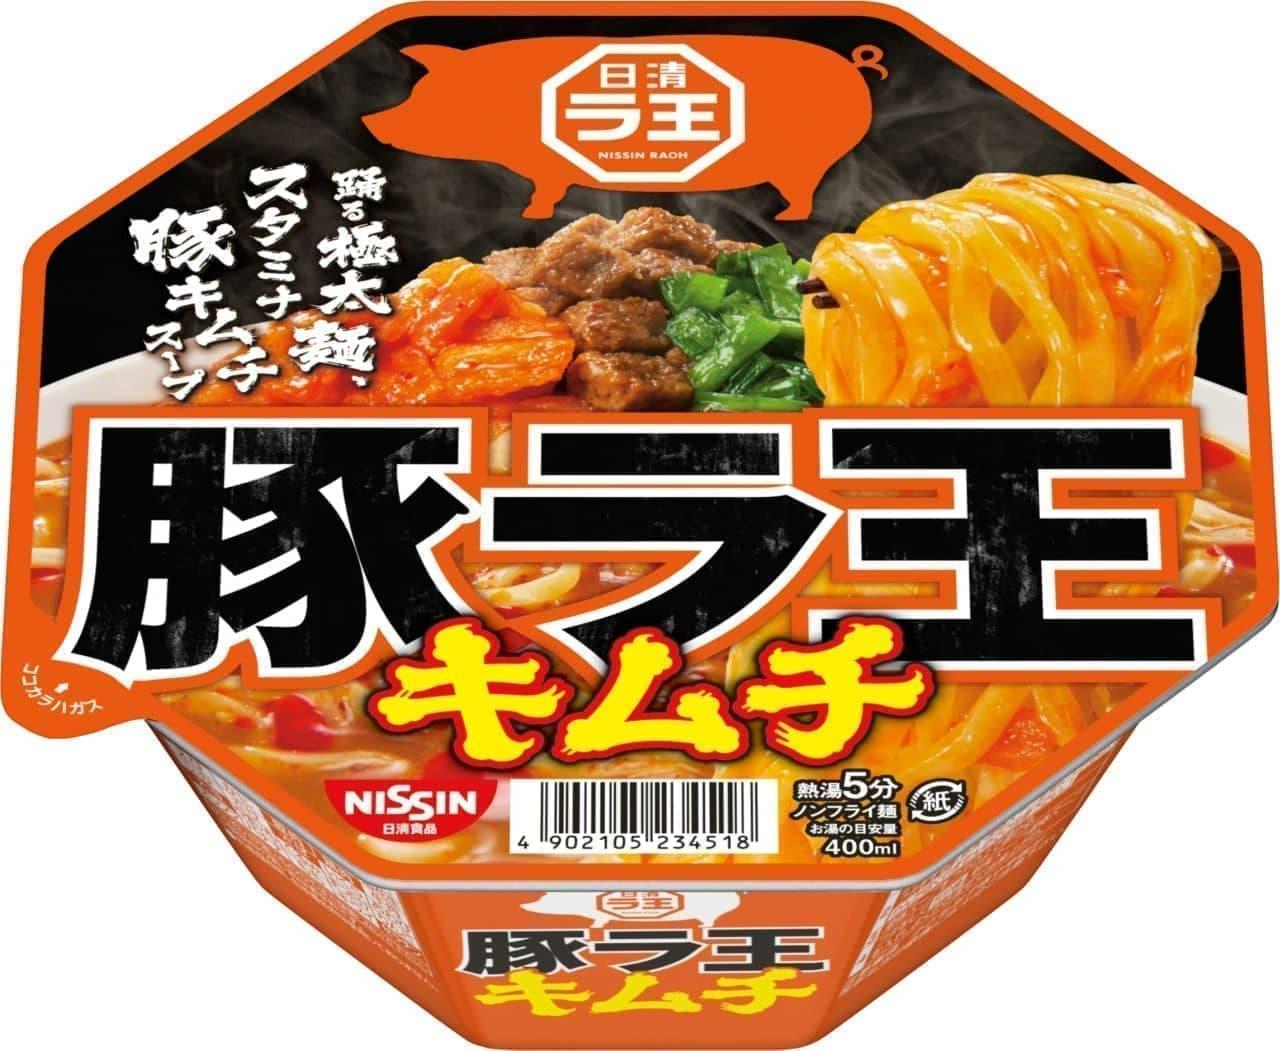 スタミナ満点で食べごたえのある「日清豚ラ王 キムチ」